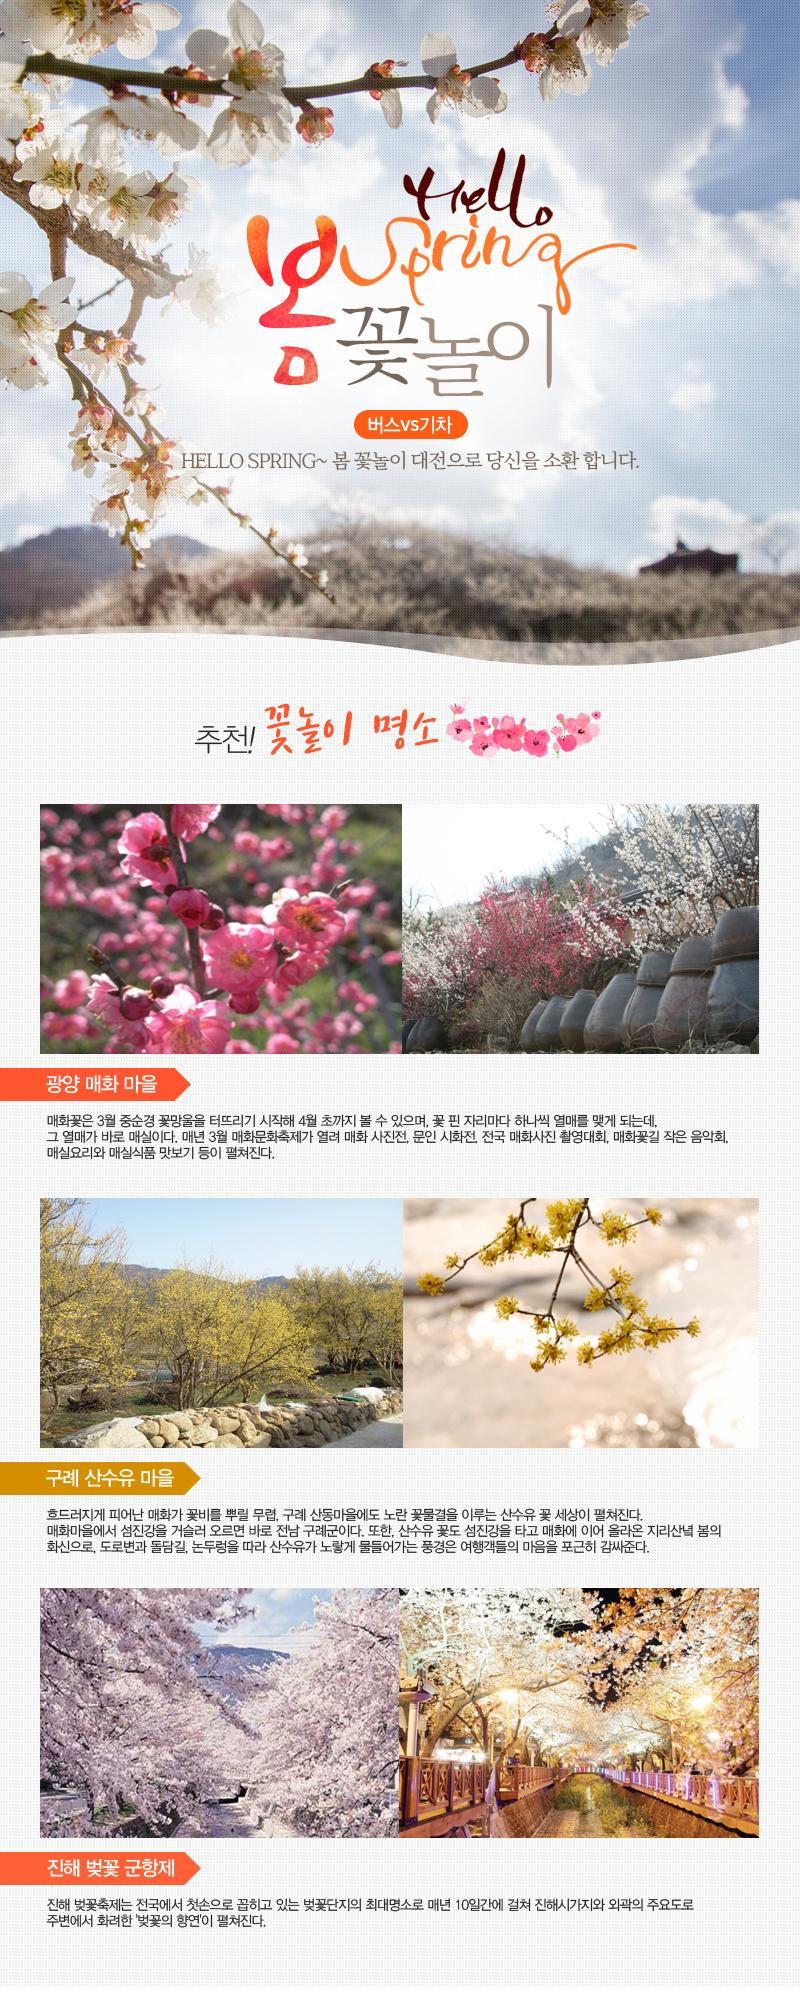 봄꽃놀이 대전